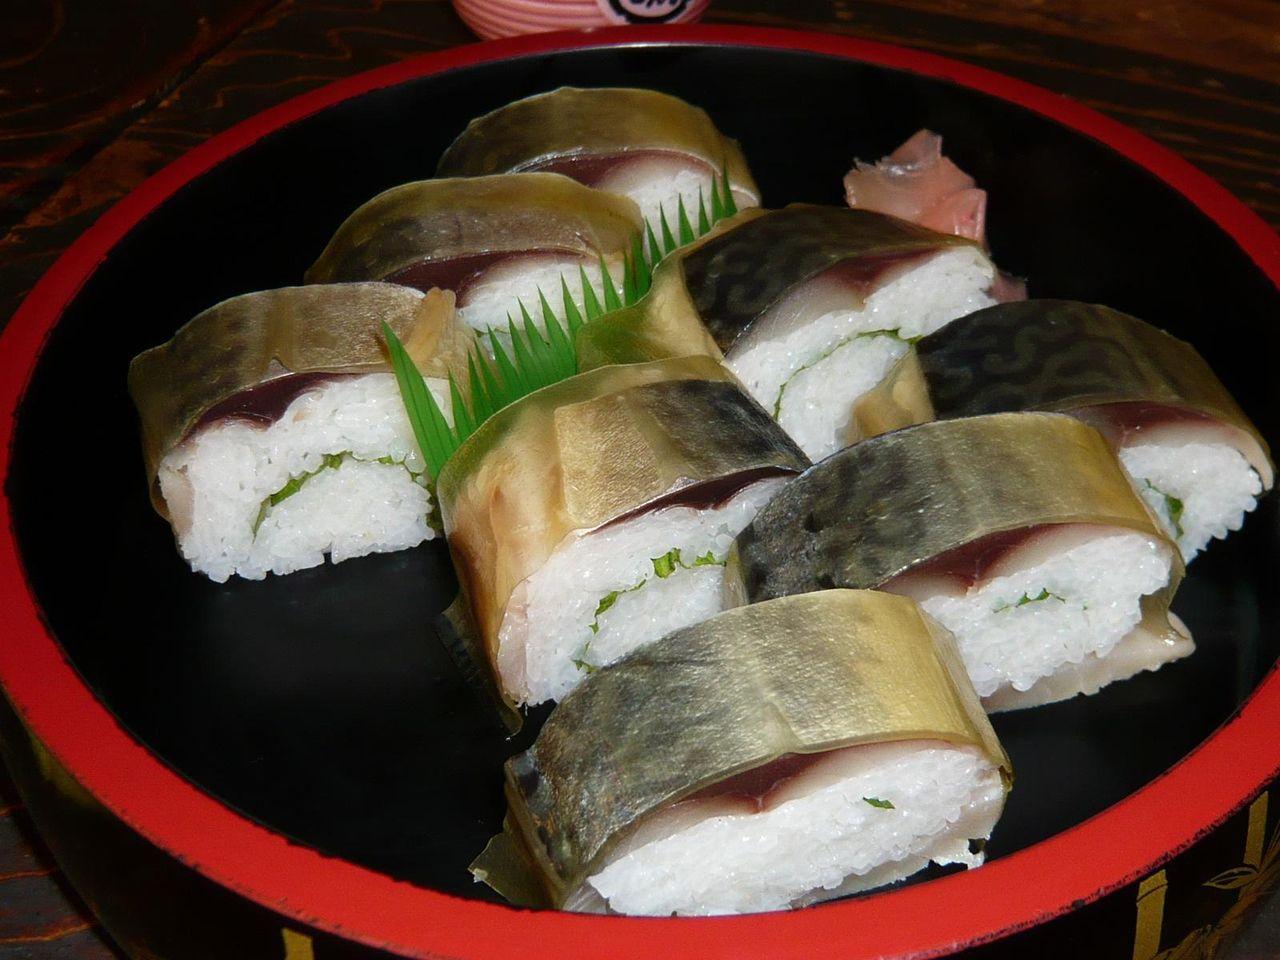 とても上品な味わいで旨い!・・・ばってら1,050円